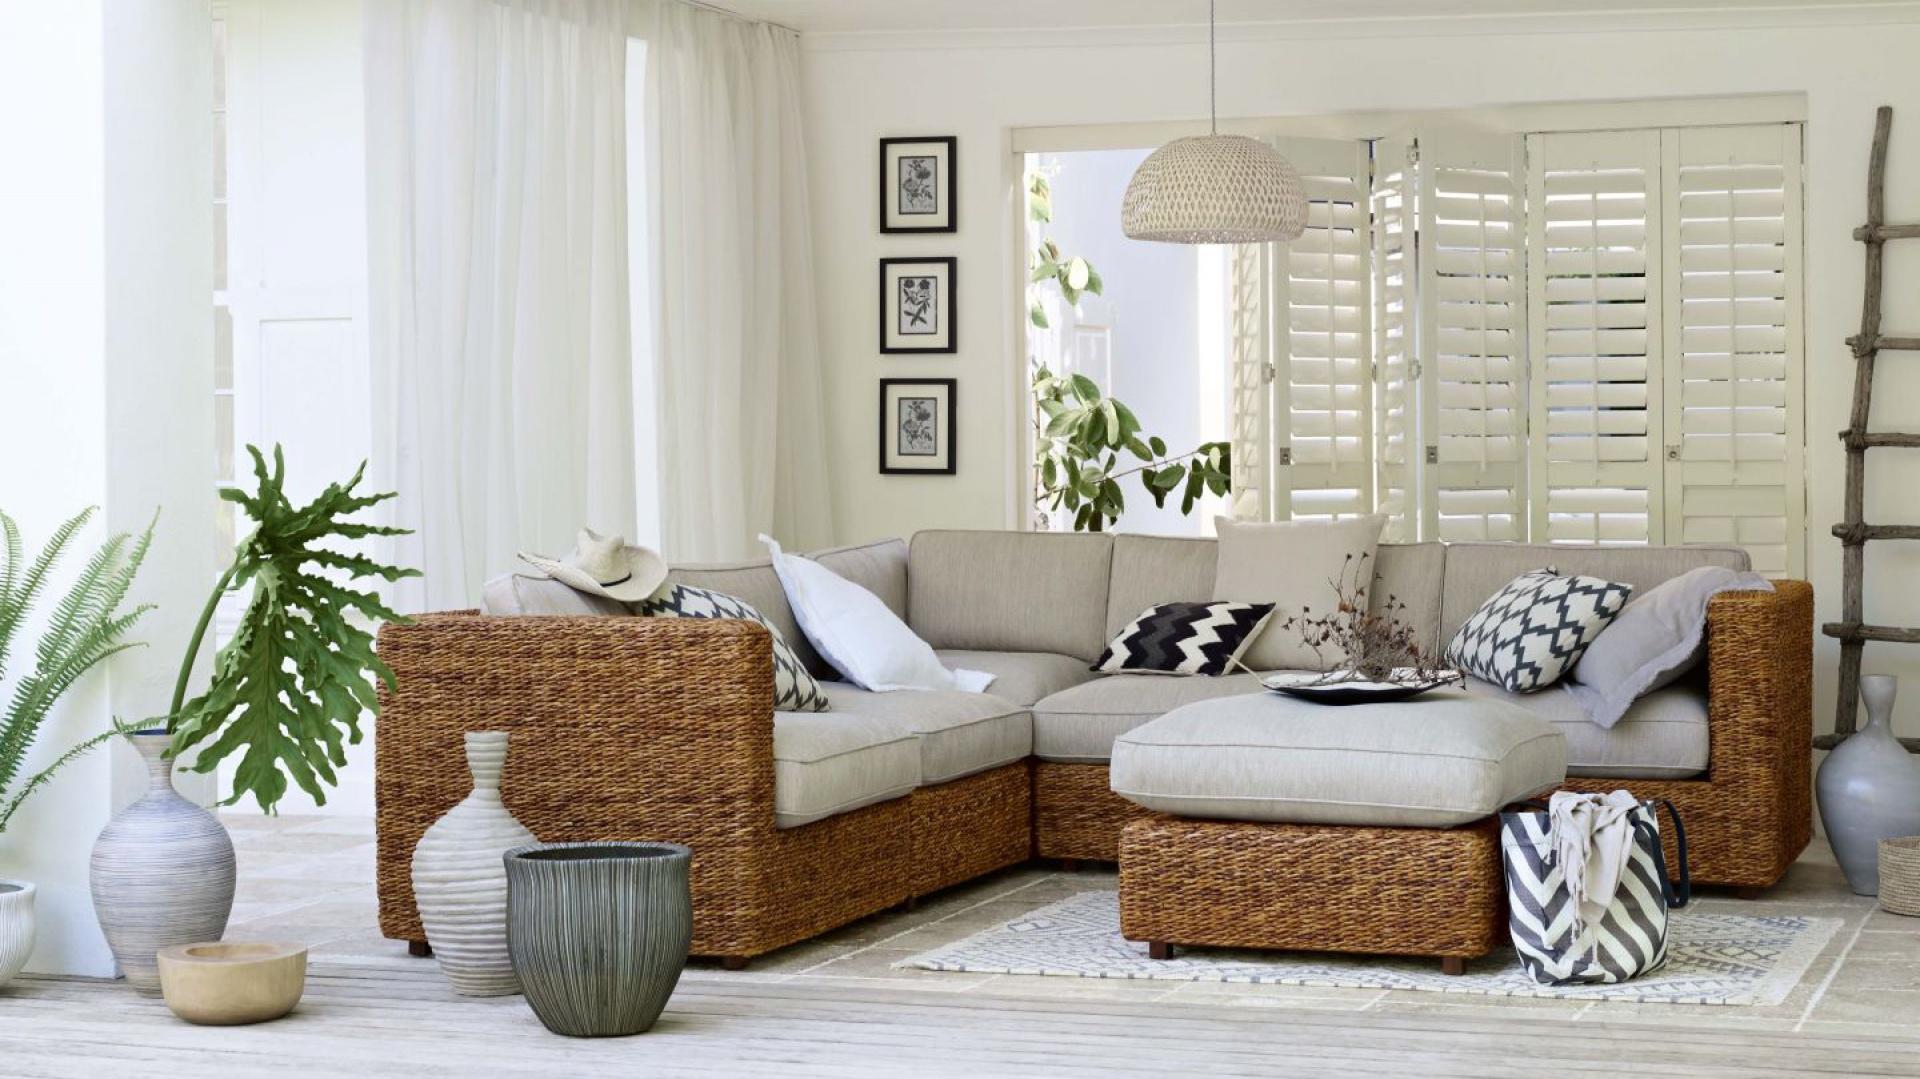 Elegancka sofa narożna i pufa z naturalnego rattanu wnoszą do białego wnętrza znamiona stylu safari. Fot. Marks & Spencer.